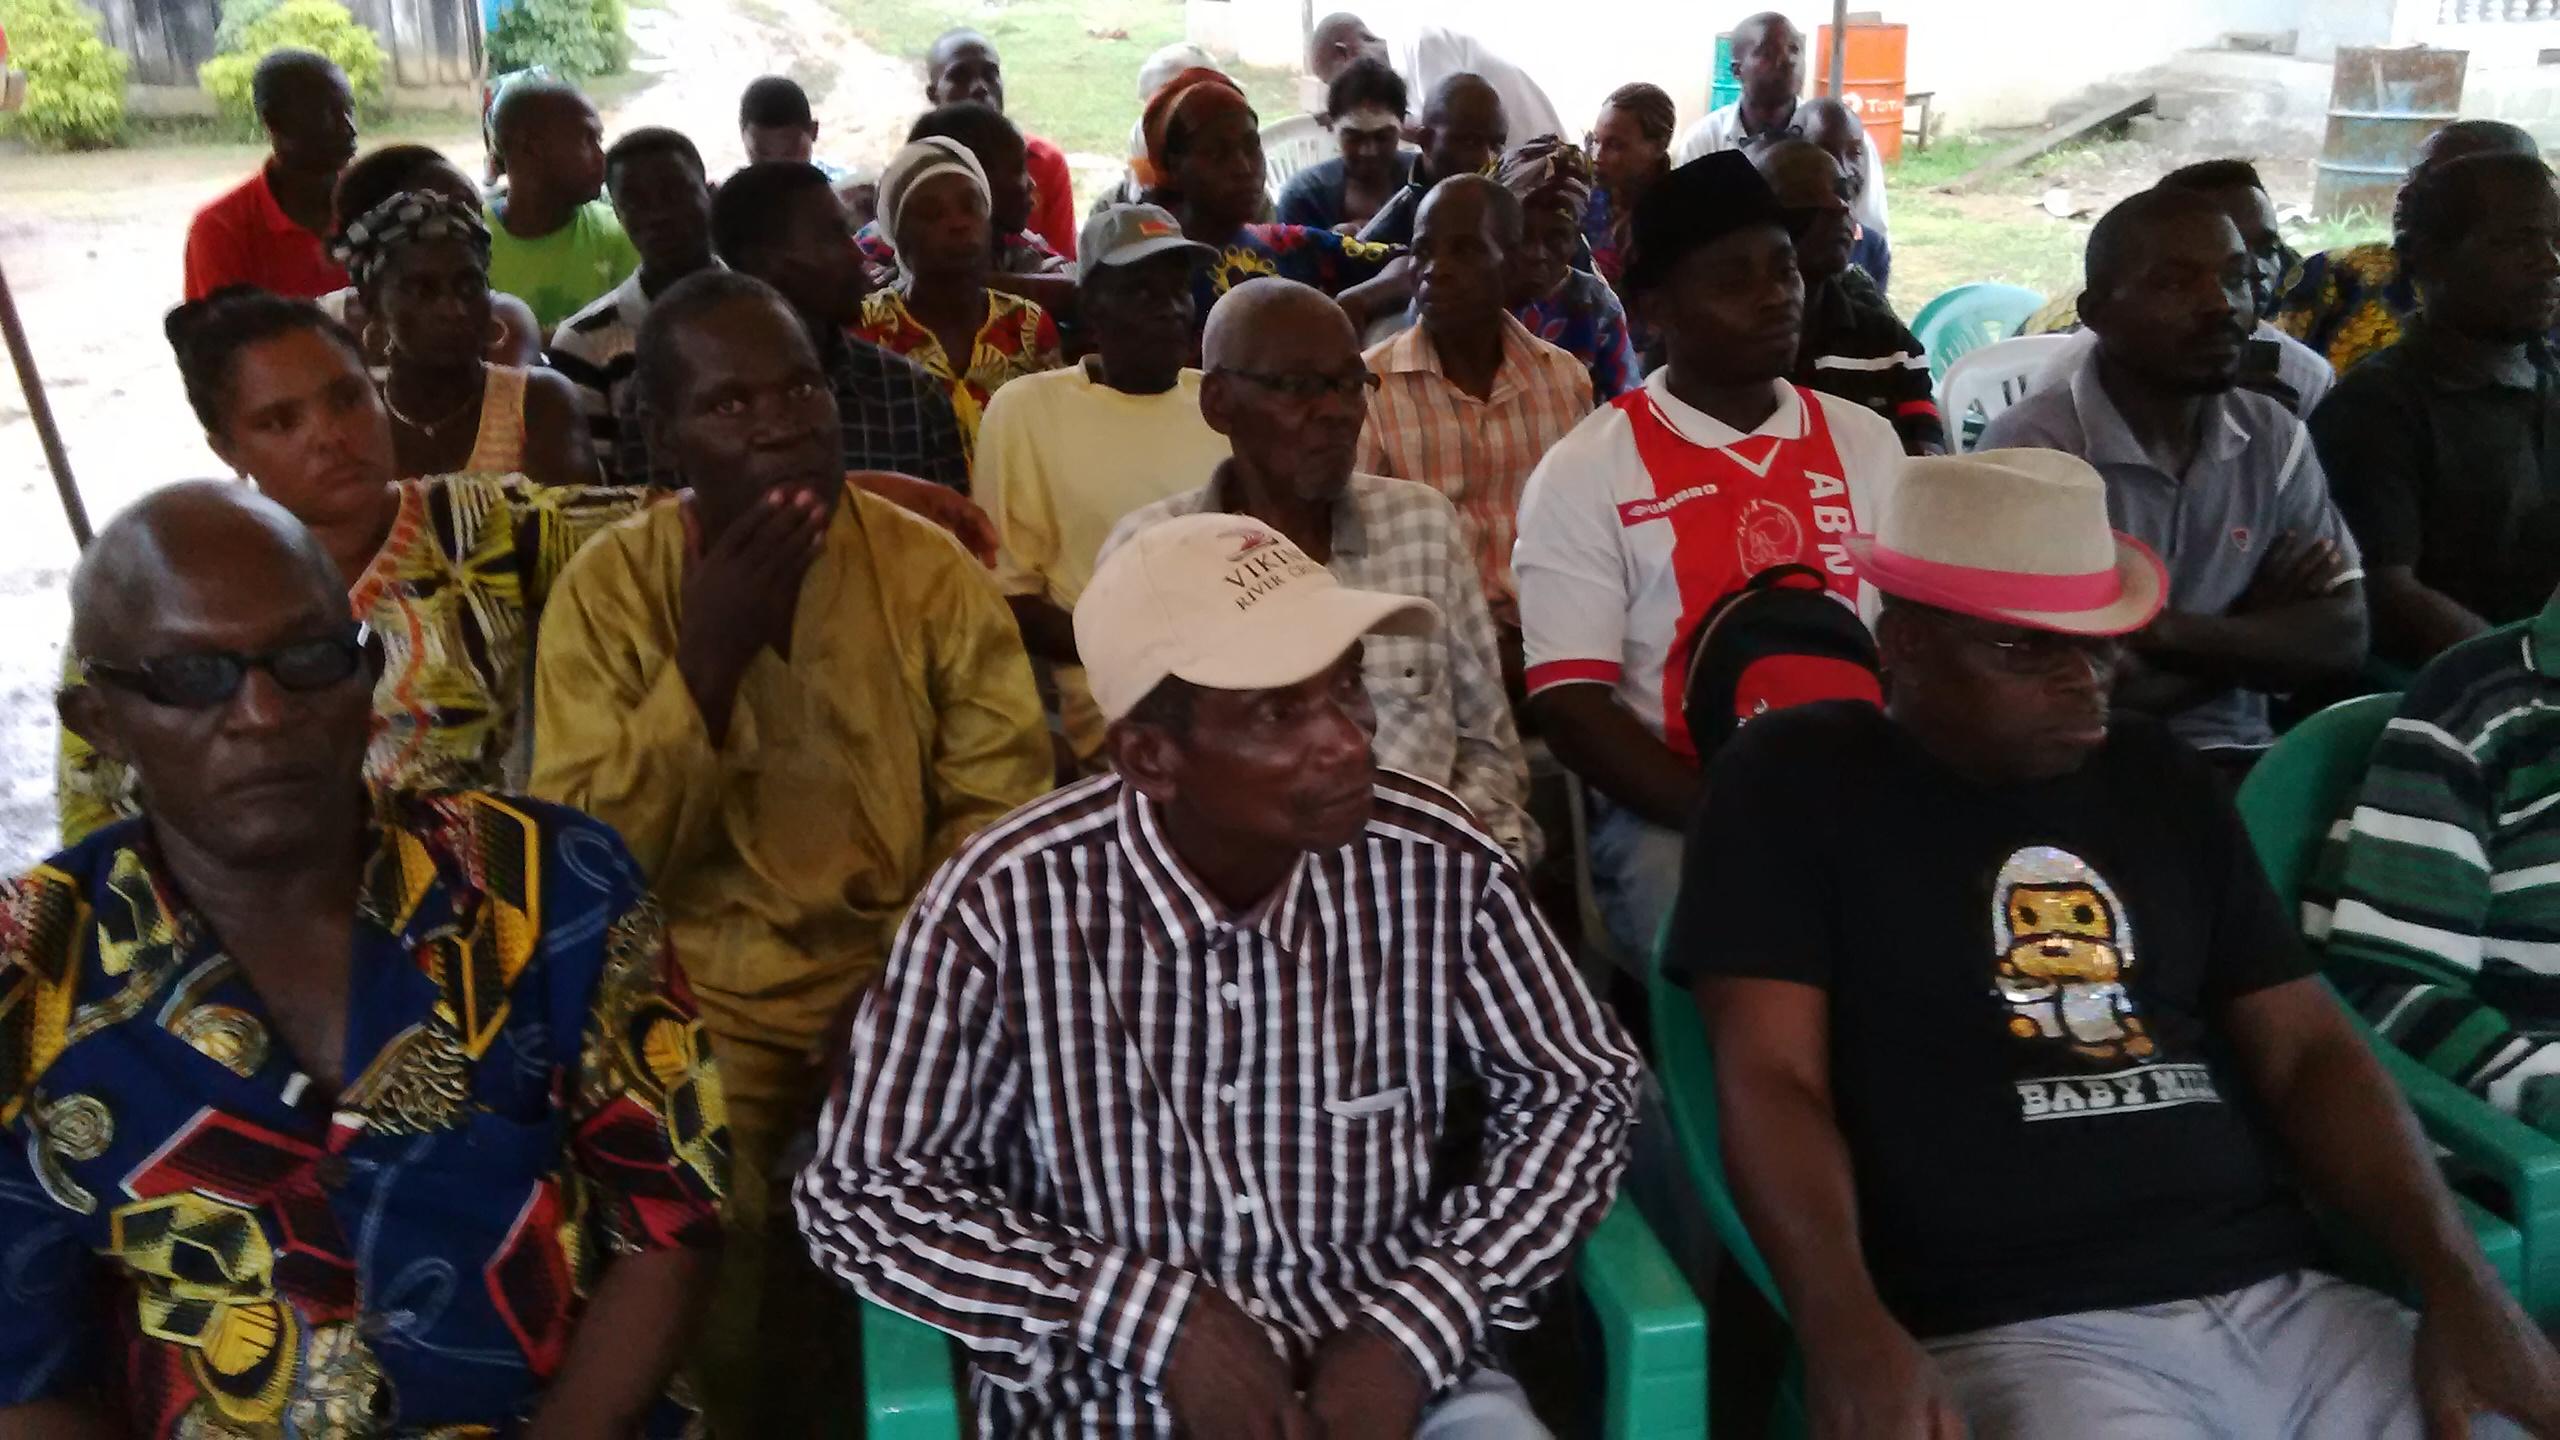 Les membres du groupe Apindzi  en colère présents à la déclaration @ Gabonactu.com